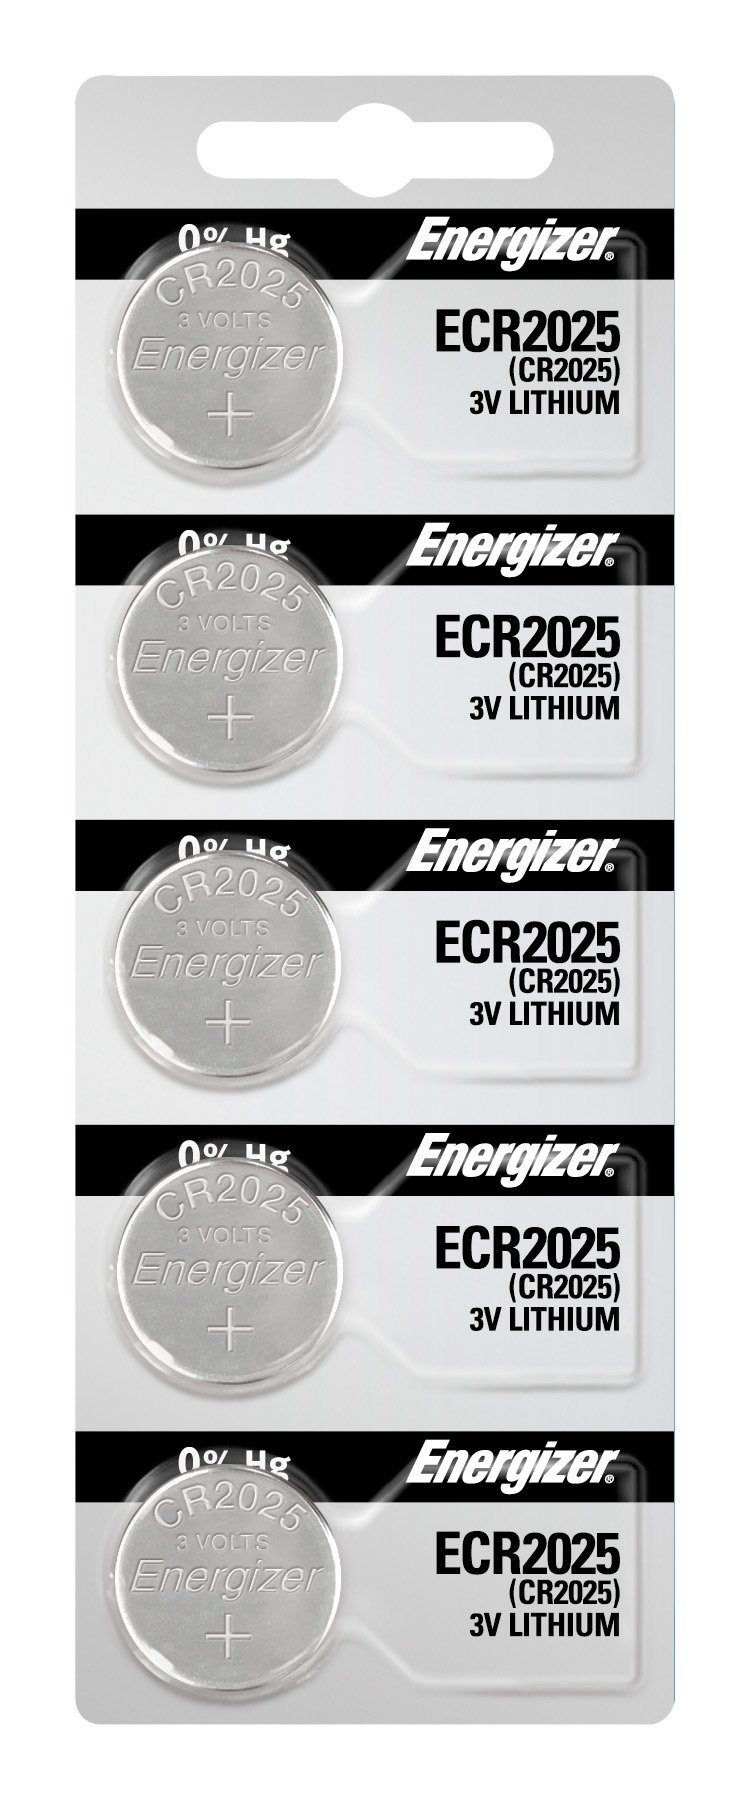 Amazon.com: Energizer 2032 Battery CR2032 Lithium 3v (1